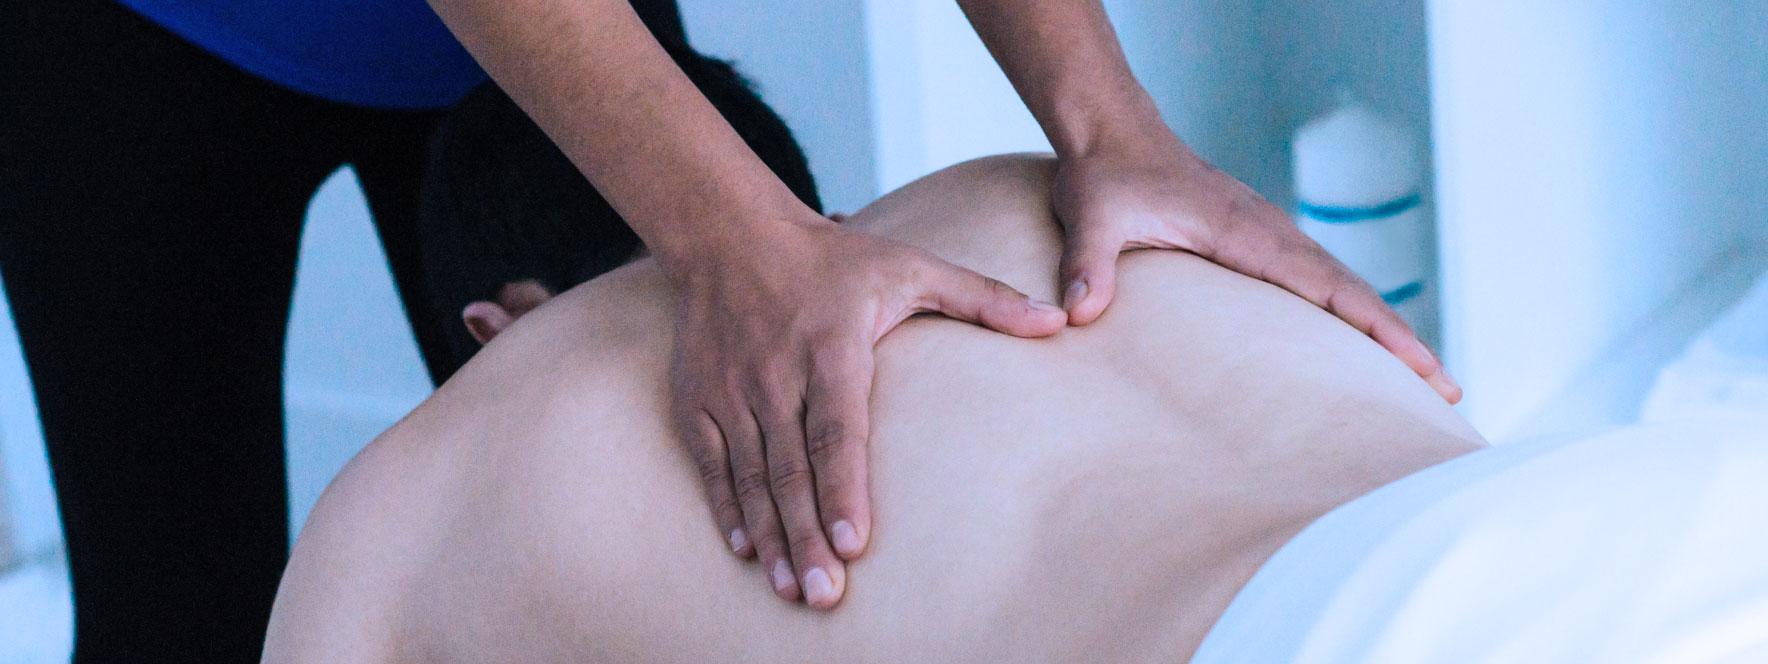 La massothérapie: efficace, pour les maux de dos? Blogue du Réseau